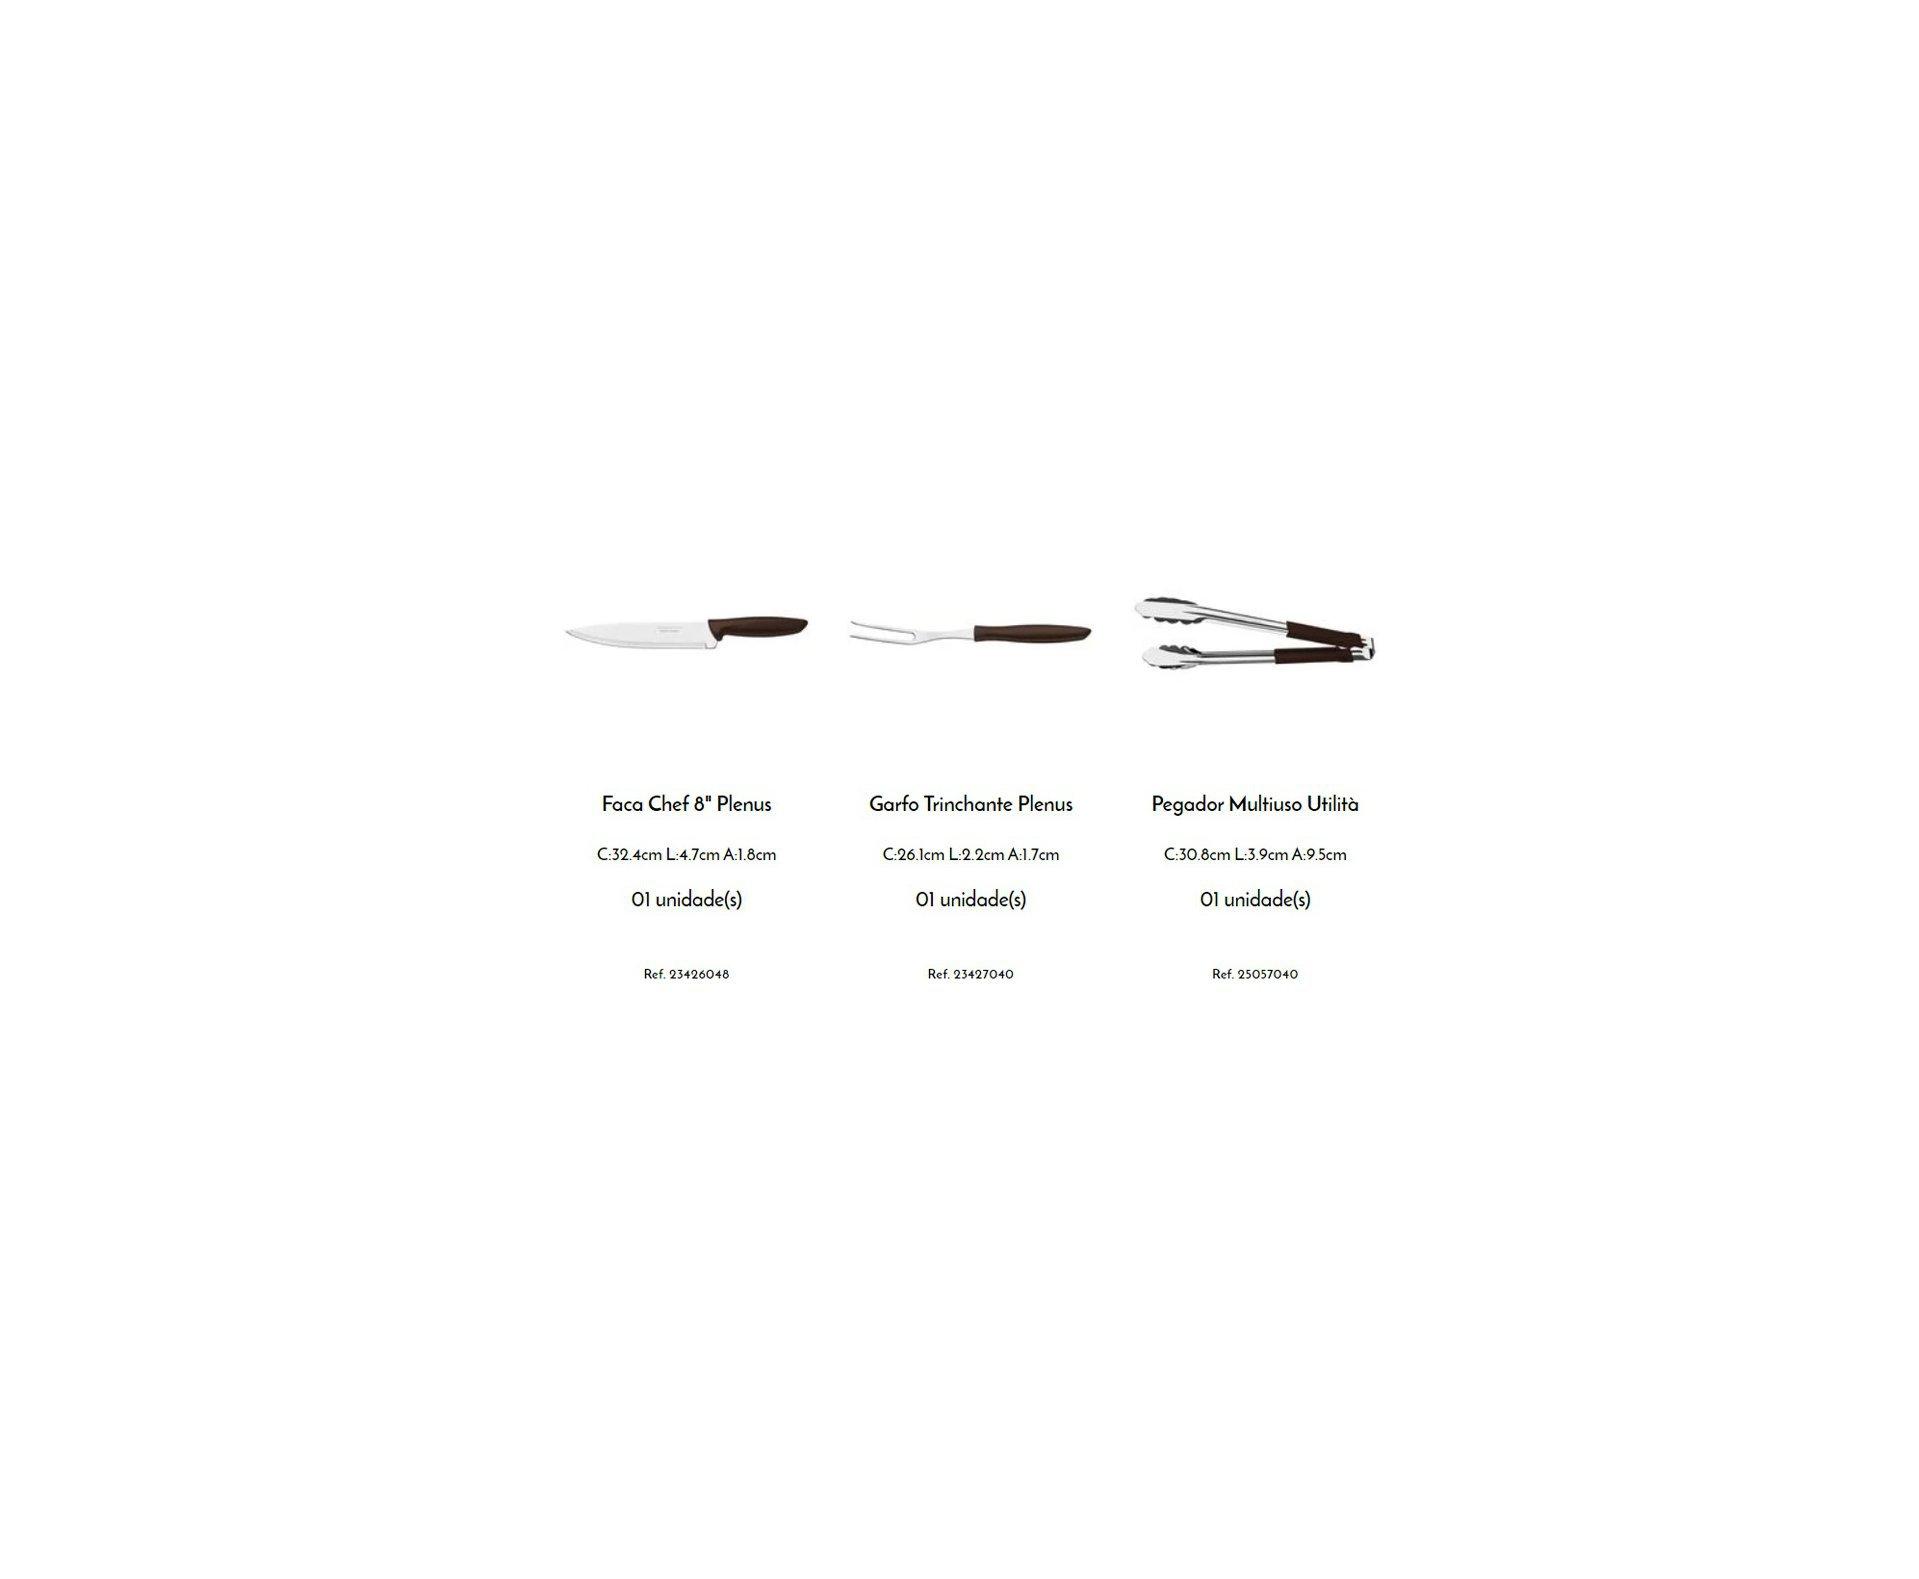 Kit para Churrasco Tramontina Plenus com Lâminas em Aço Inox e Cabos de Polipropileno Marrom 3 Peças